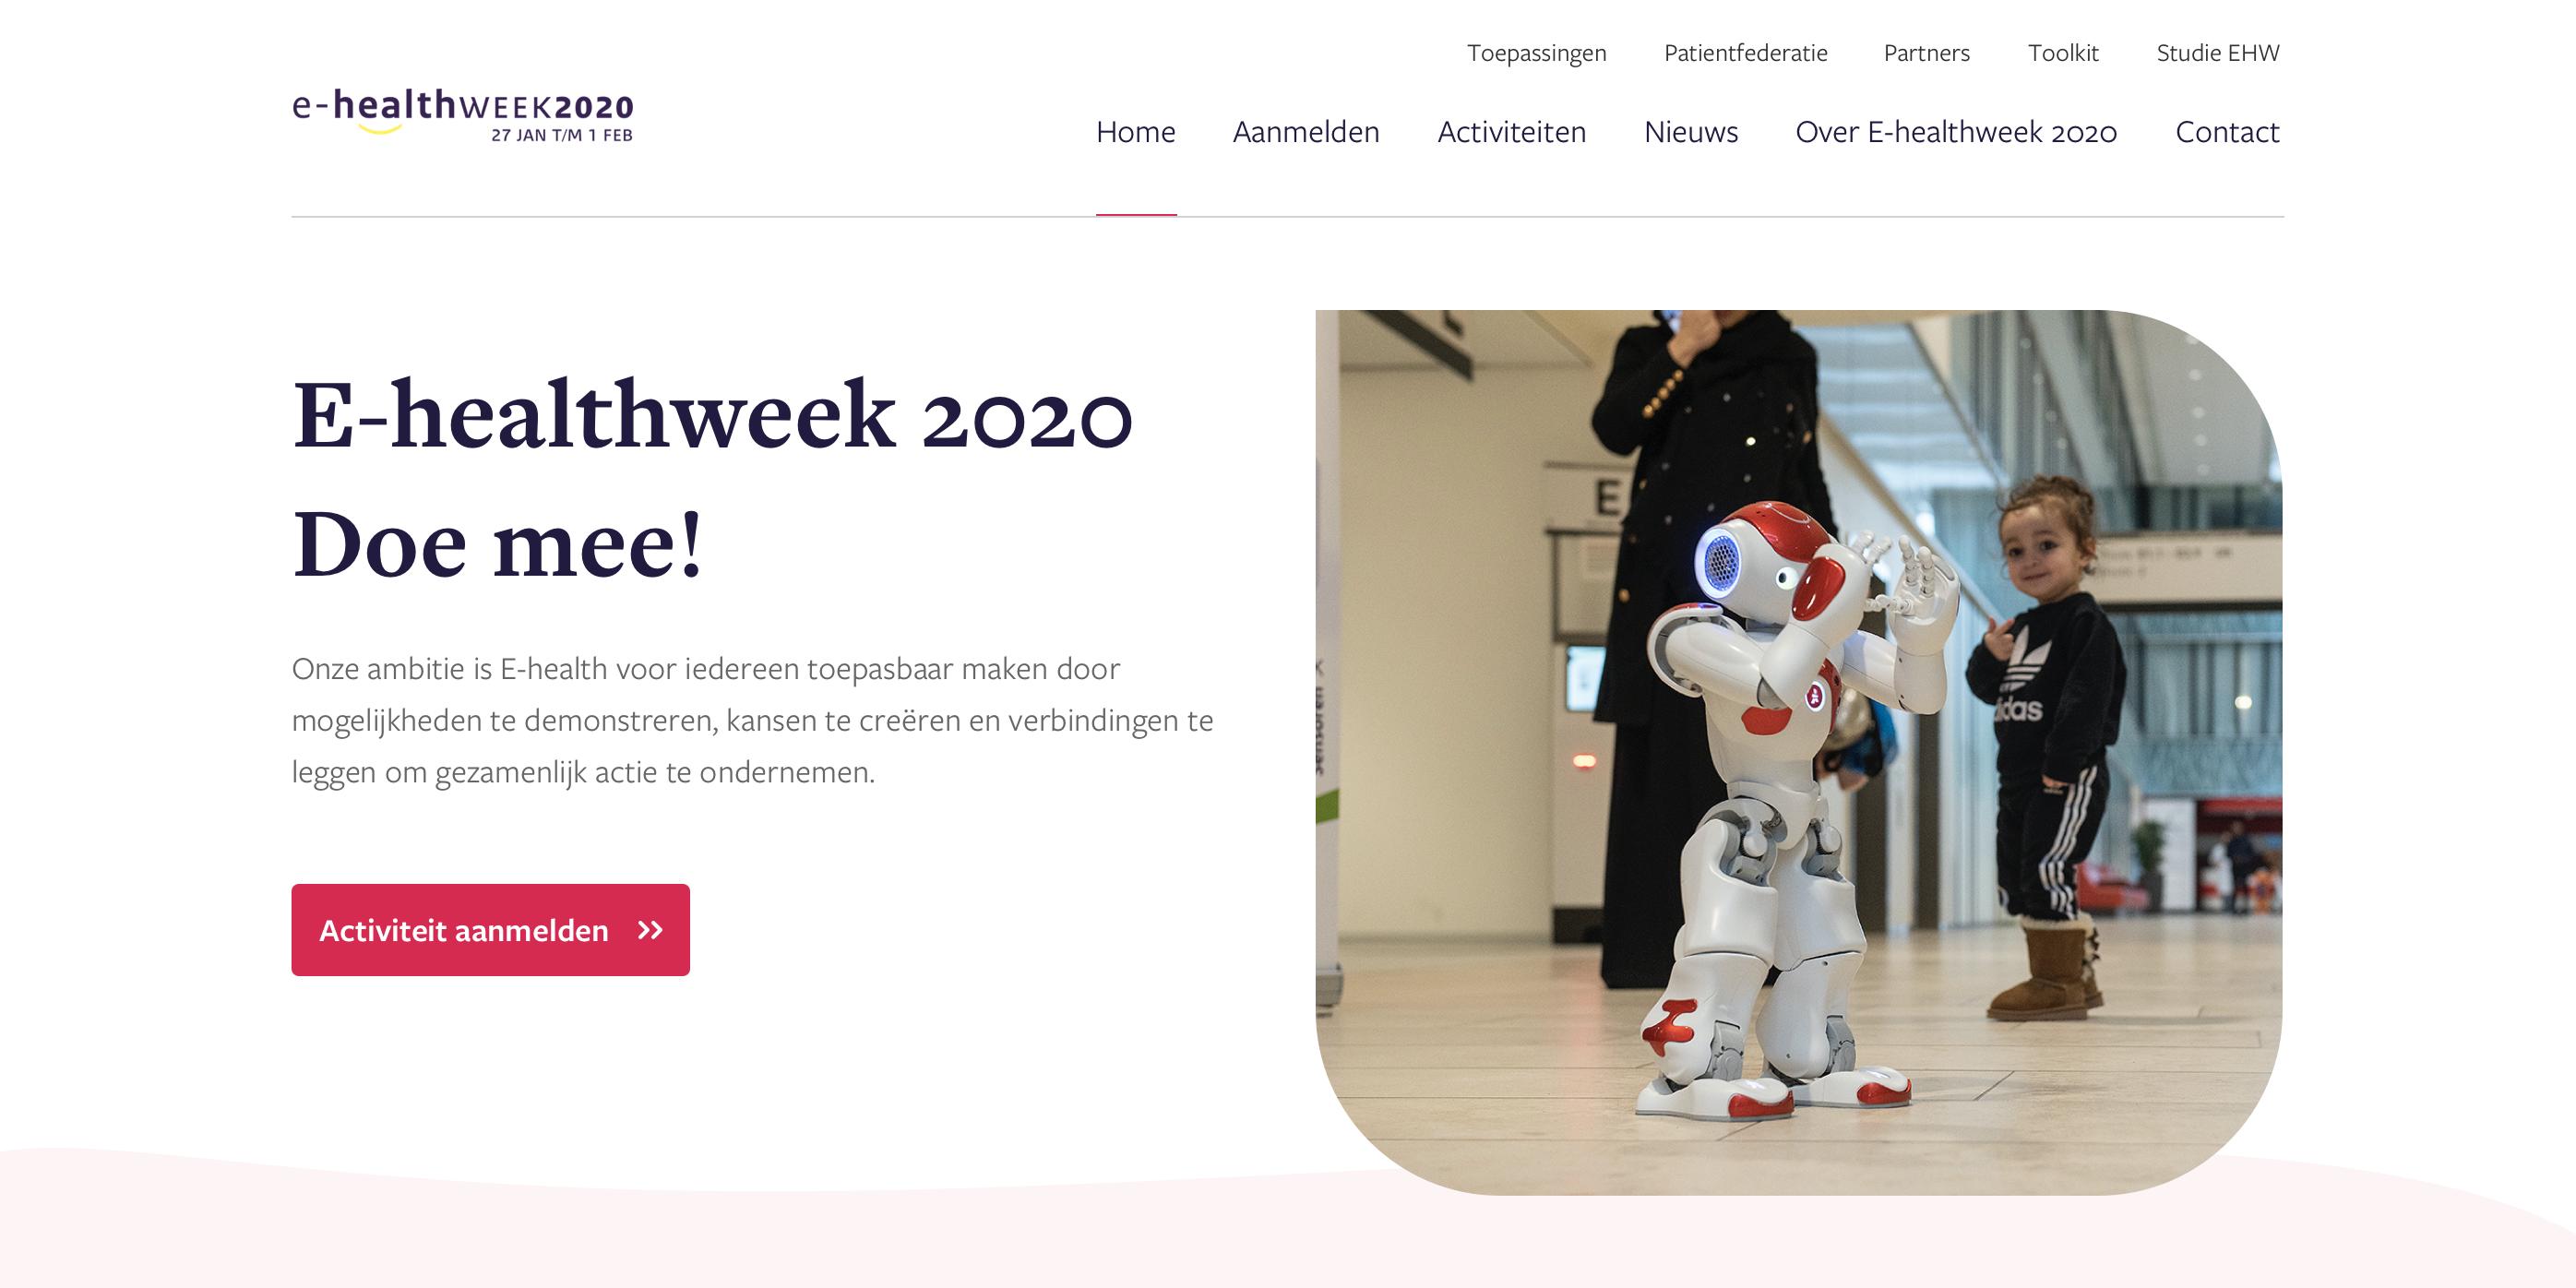 afbeeding website homepage ehealthweek, bevat tekst E-healthweek 2020 Doe mee!